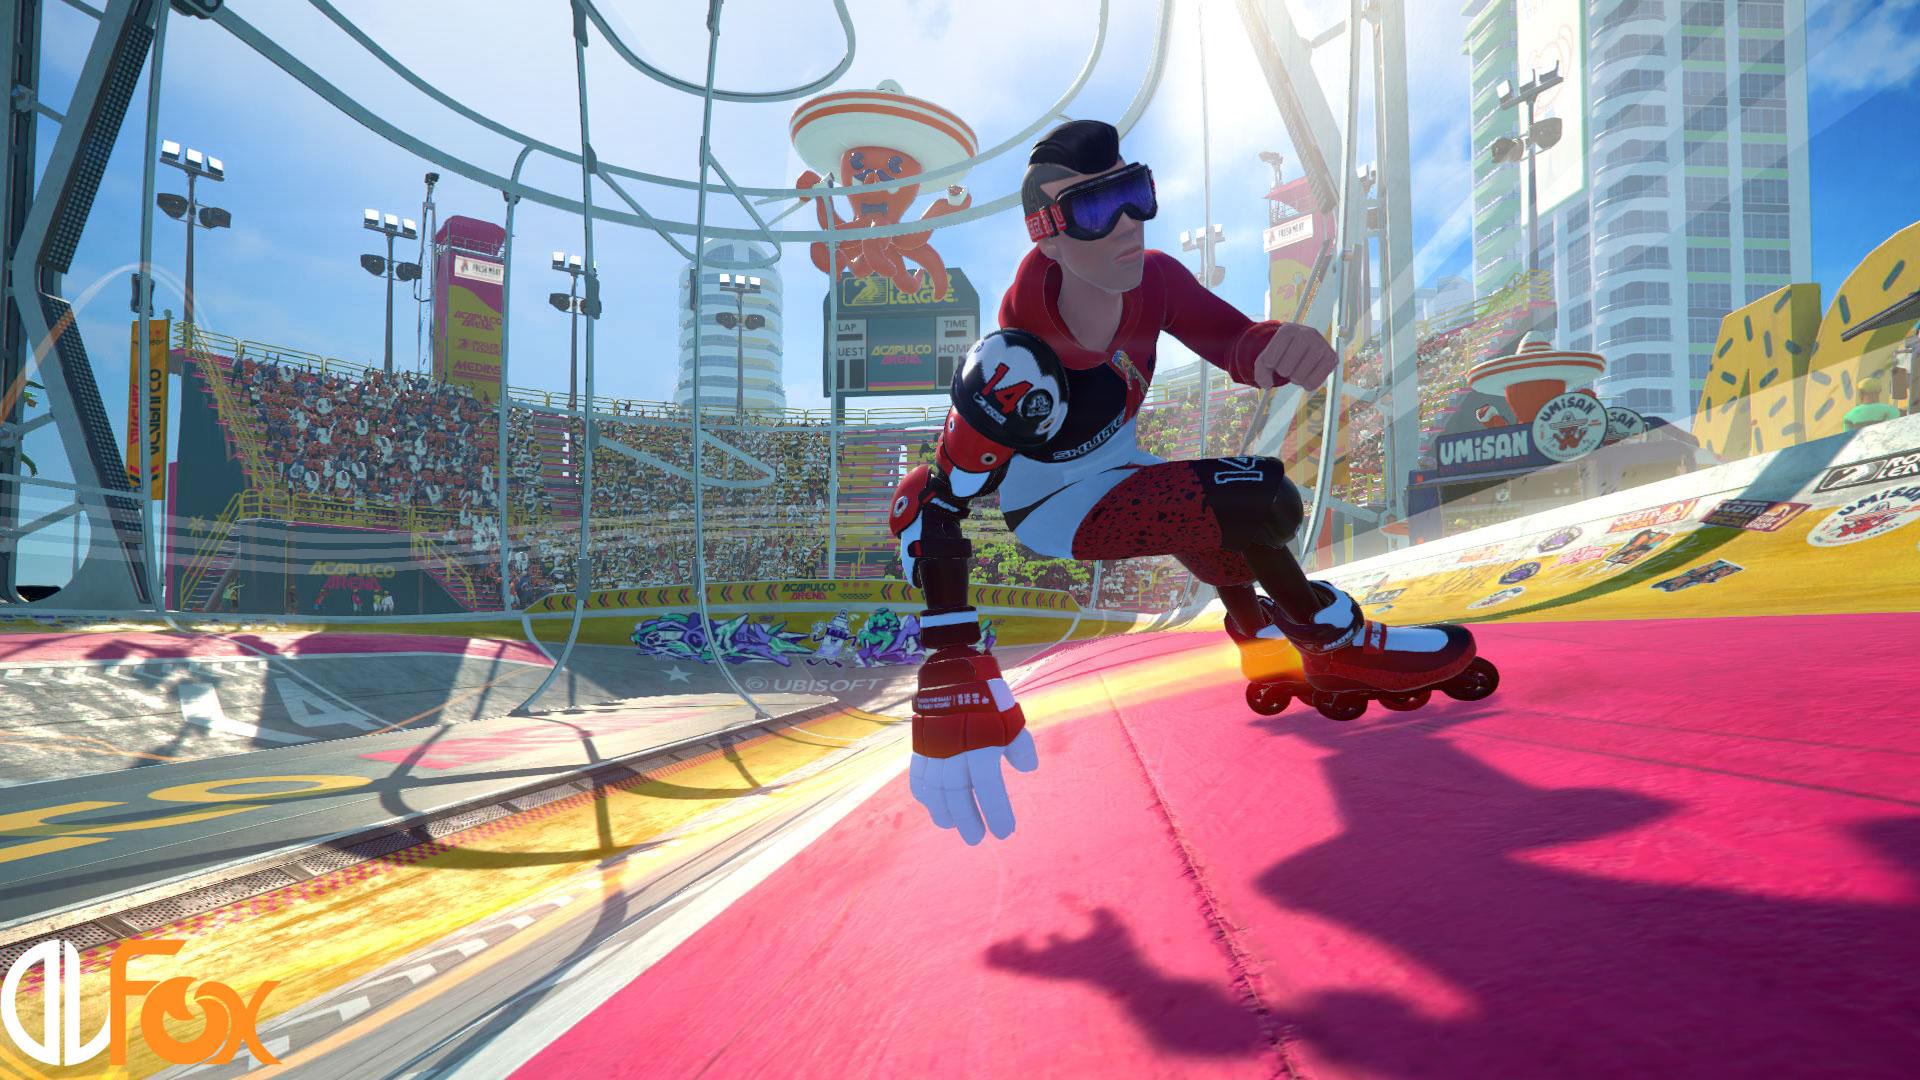 دانلود نسخه نهایی بازی Roller Champions برای PC